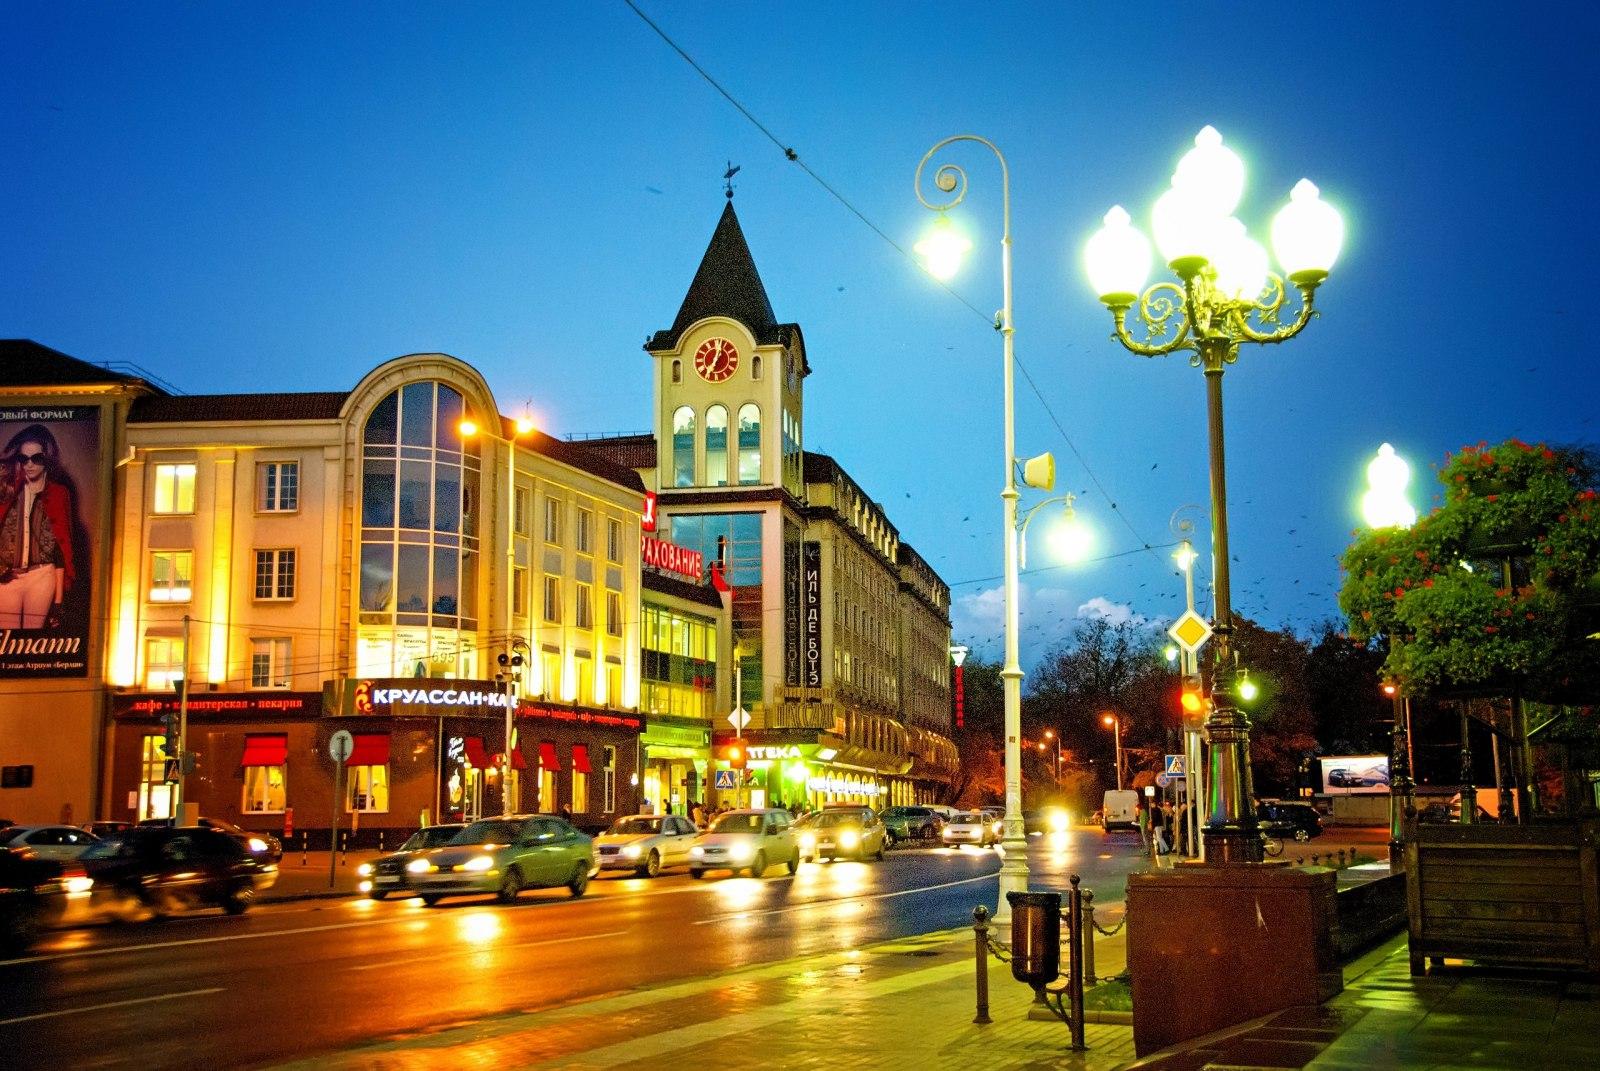 حمل و نقل عمومی در کالینینگراد